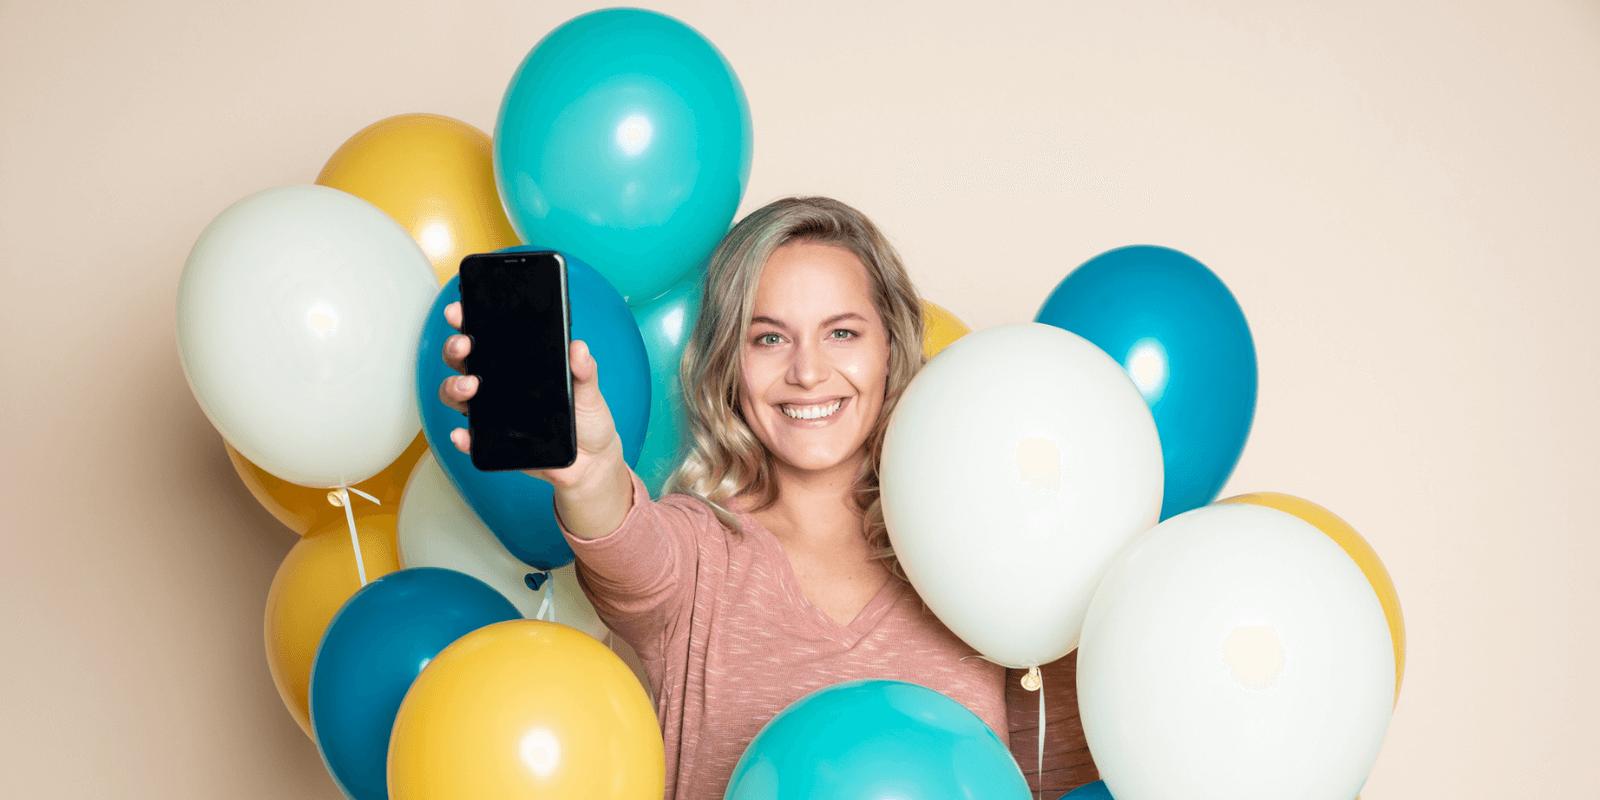 Vernieuwde Dubline app belfie-modus